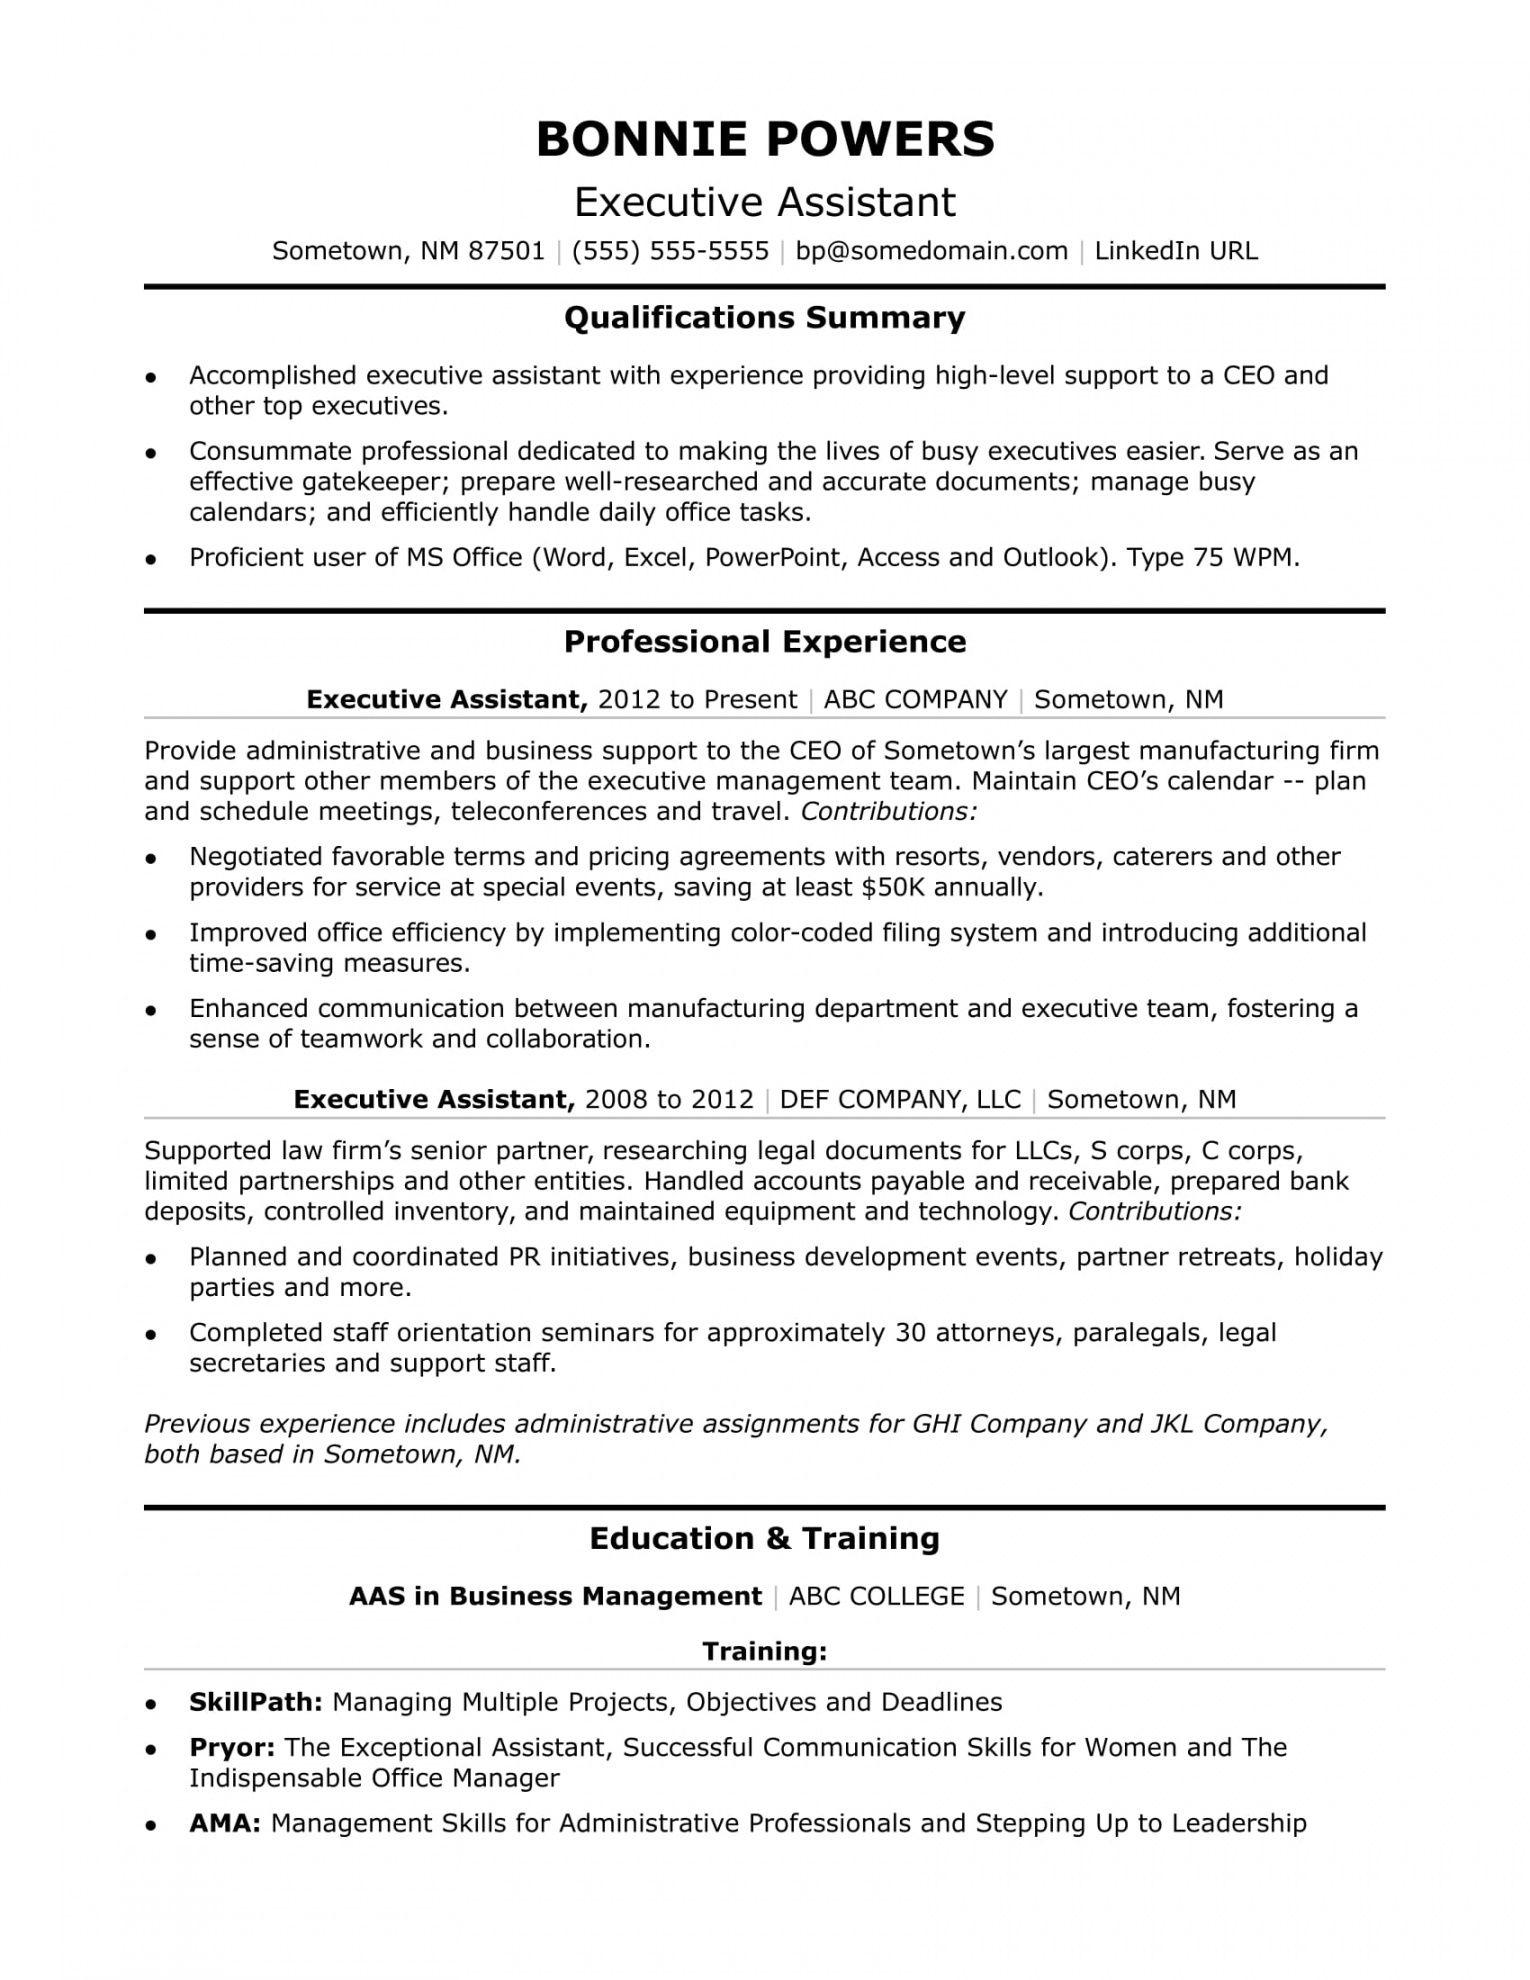 Administrative Assistant Job Description Examples  FREE 30+ Sample ...